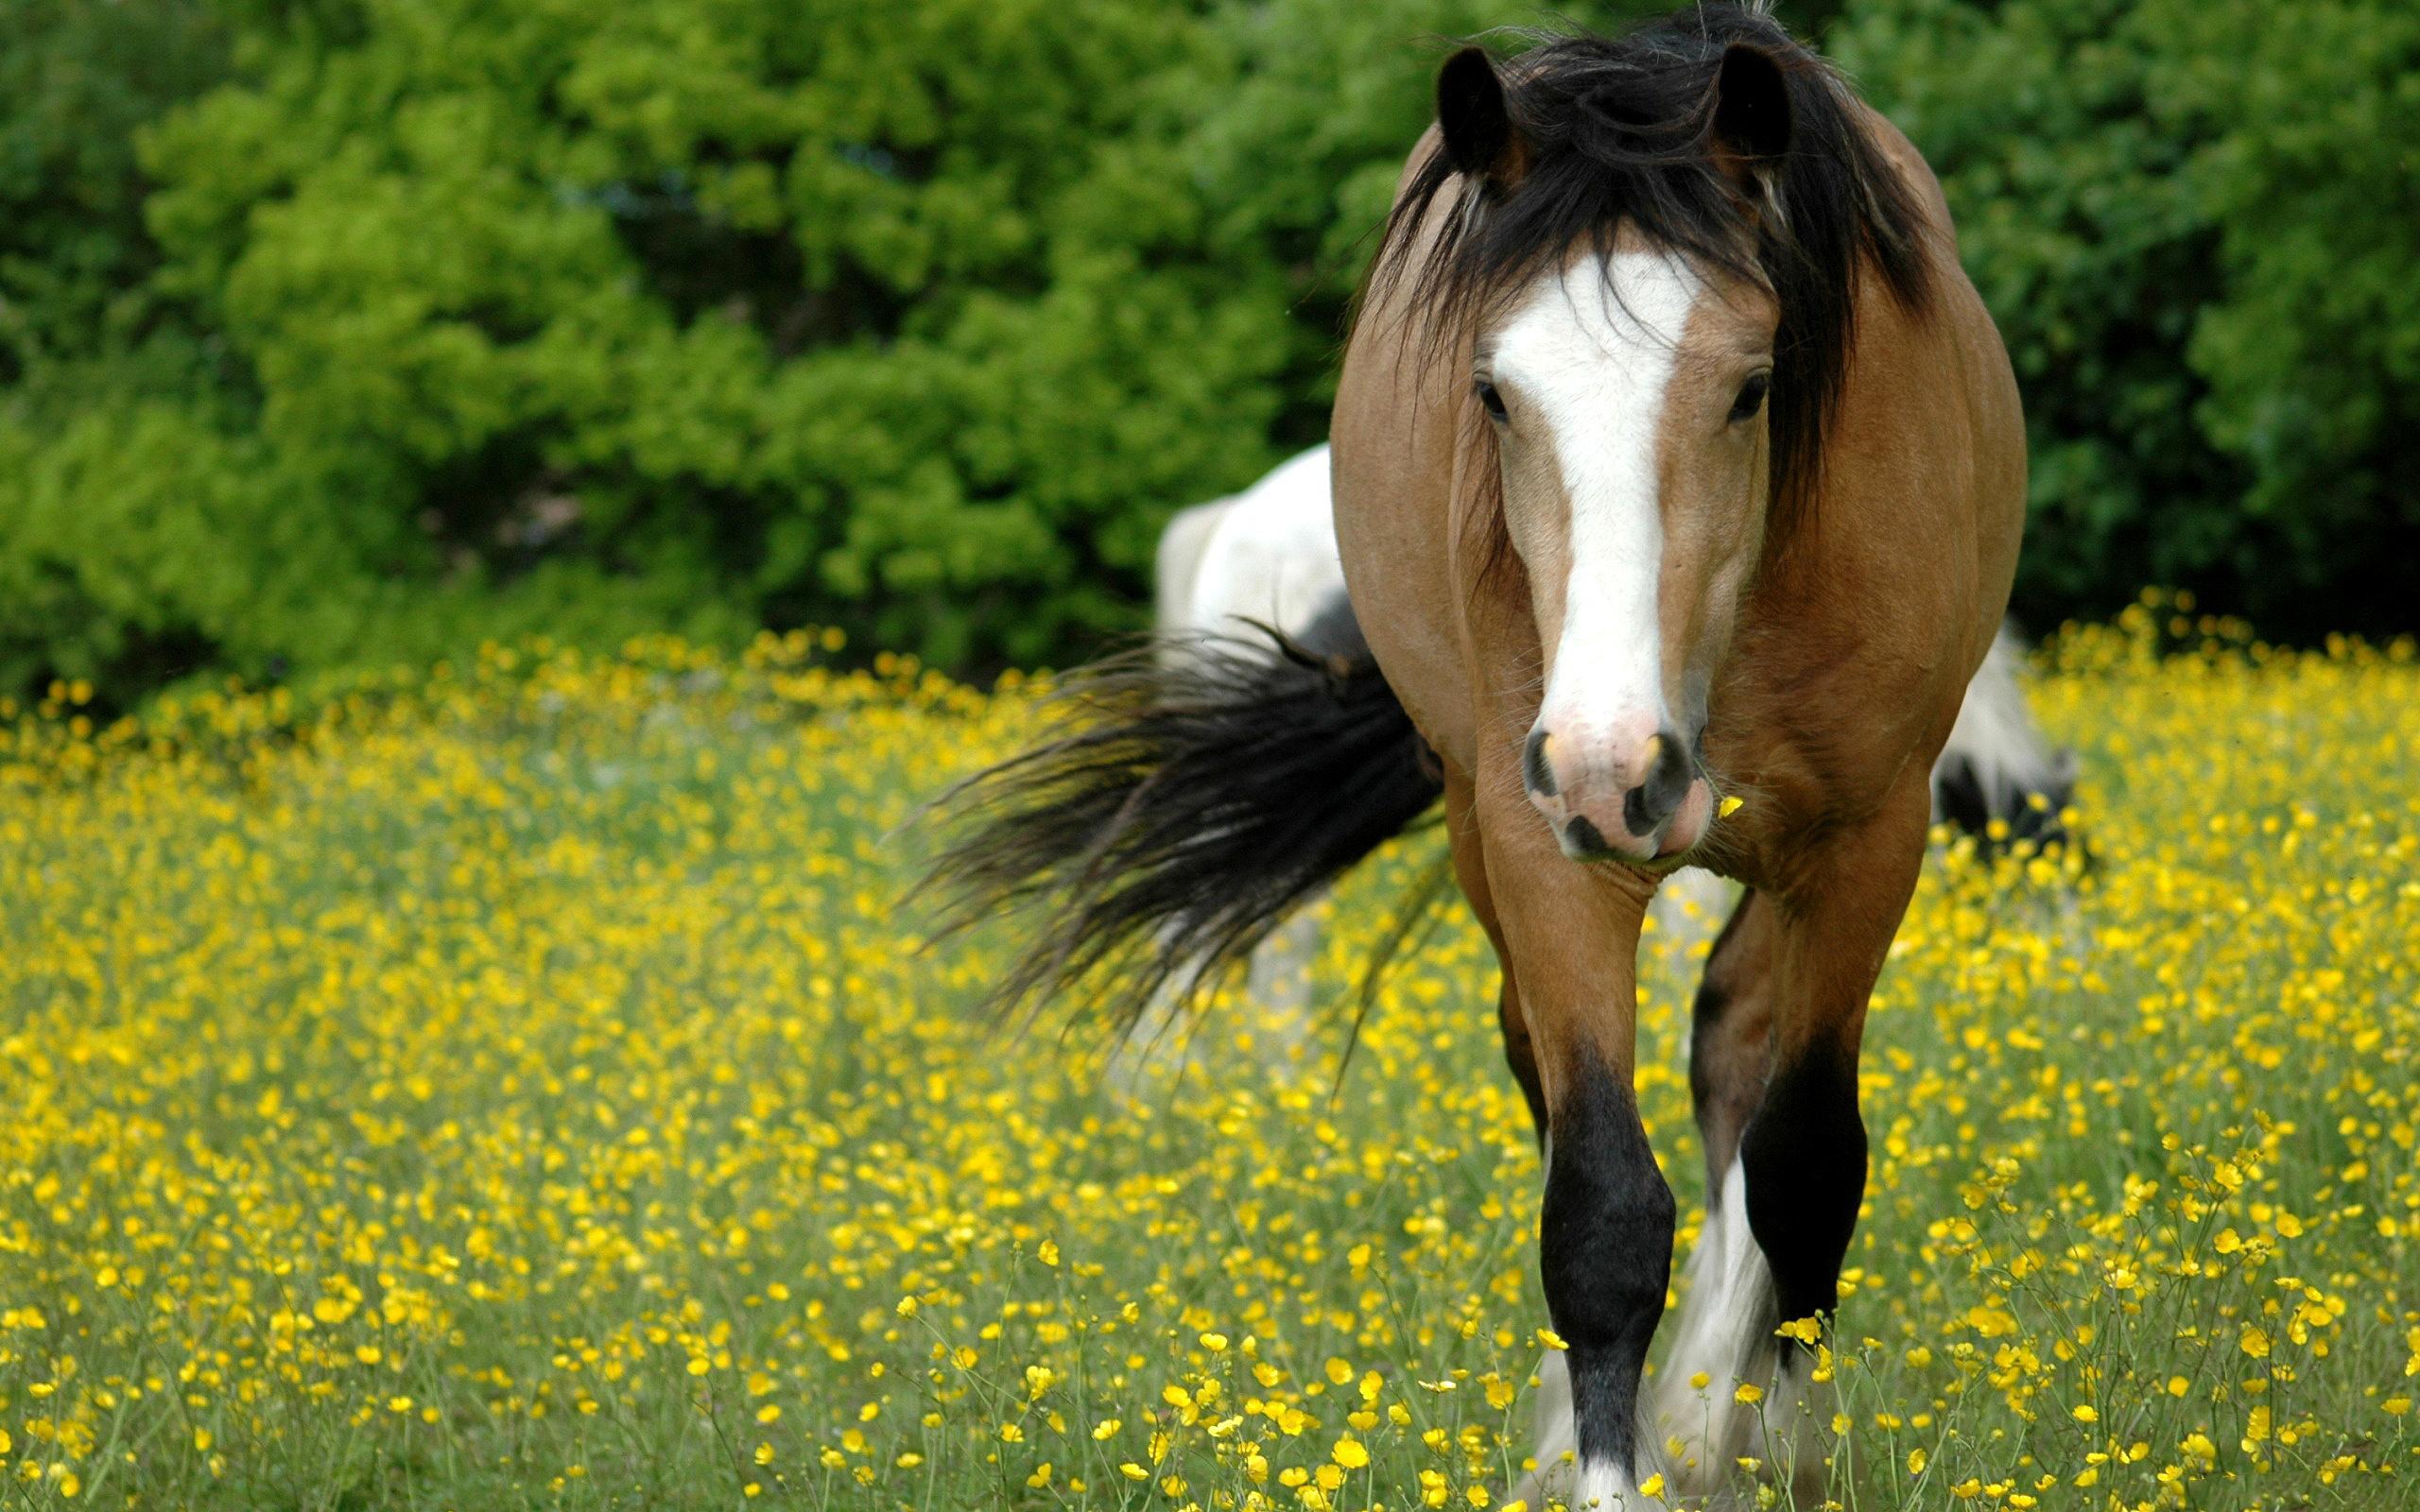 Horse Meadow Hd - Hd Desktop Wallpapers  4K Hd-7008